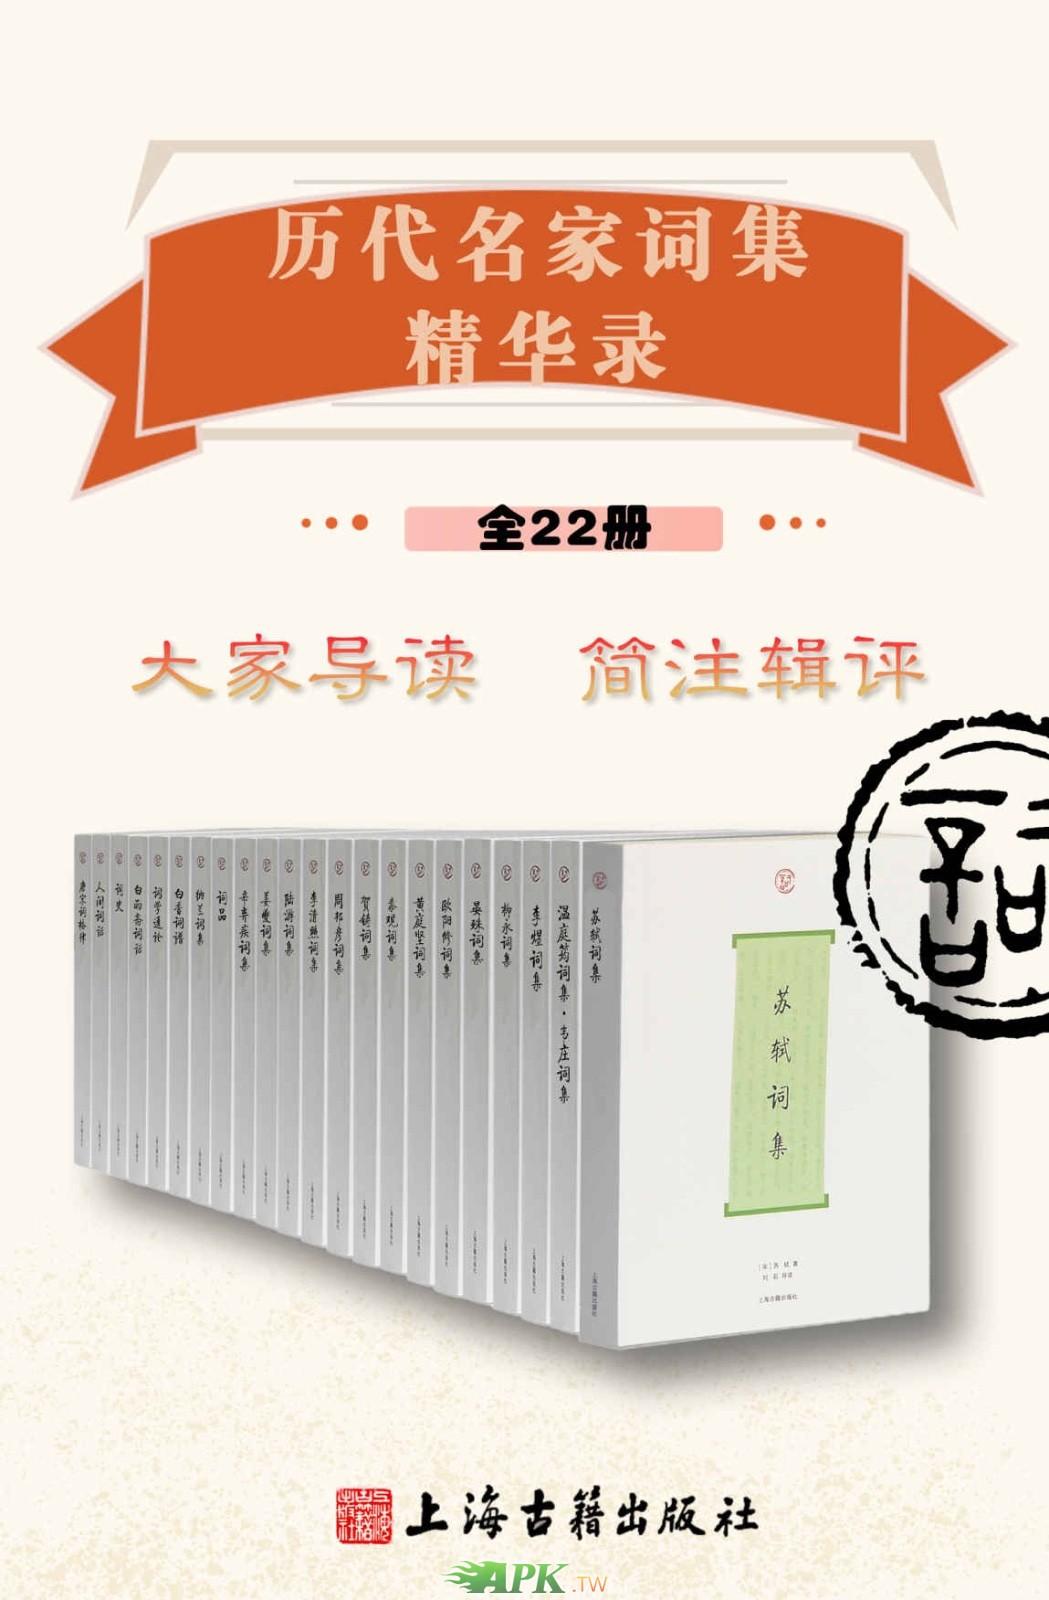 B9DDDF00-4C45-4FD0-B117-30714AEA8171.jpeg